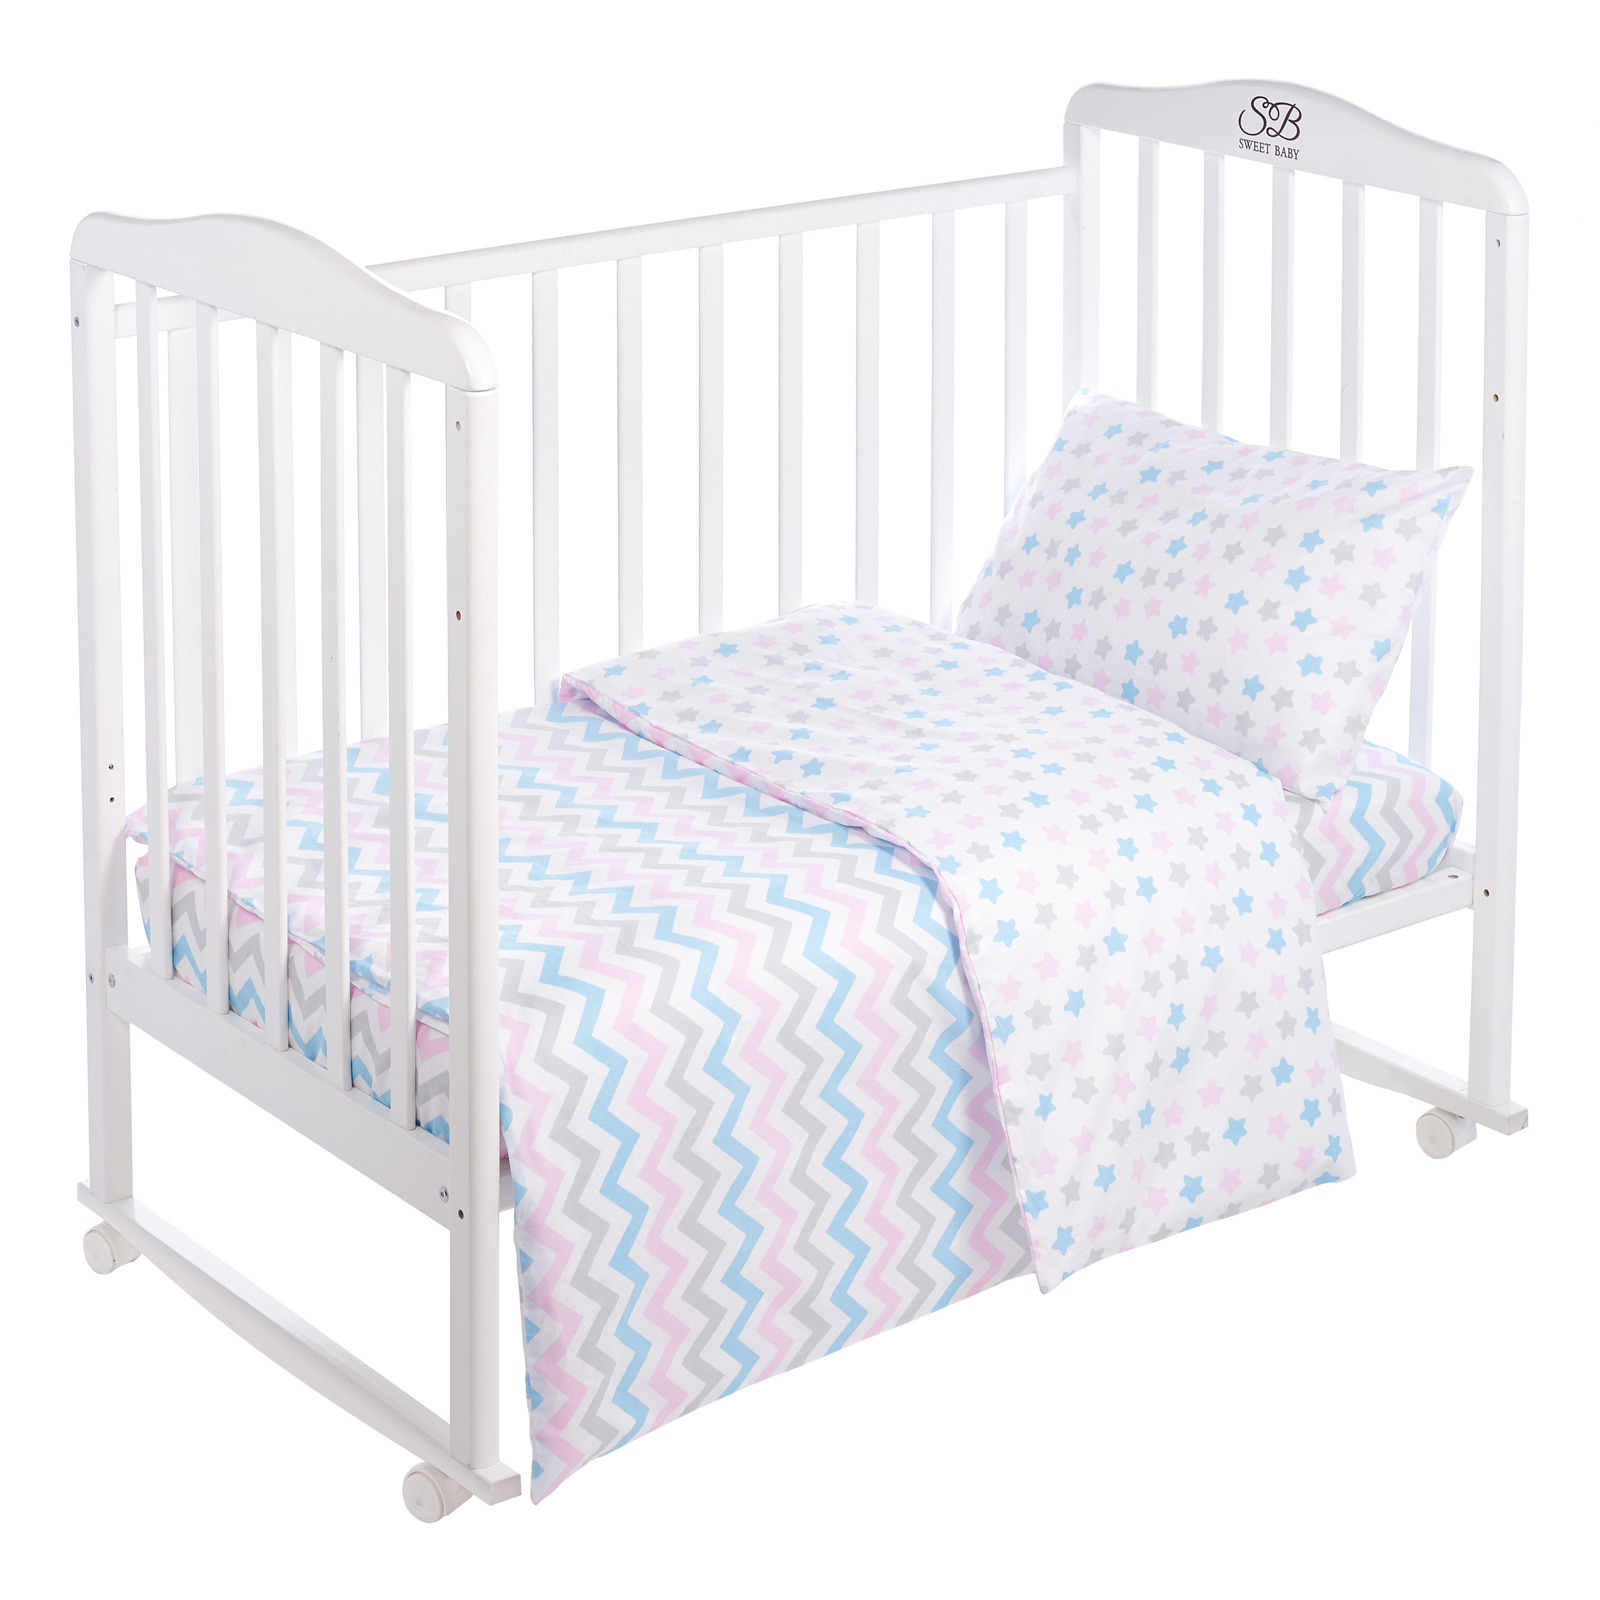 Комплект постельного белья Sweet Baby Colori, 419068, белый, 3 предмета подвесной светильник 33 идеи pnd 120 01 01 001 be s 12 tr